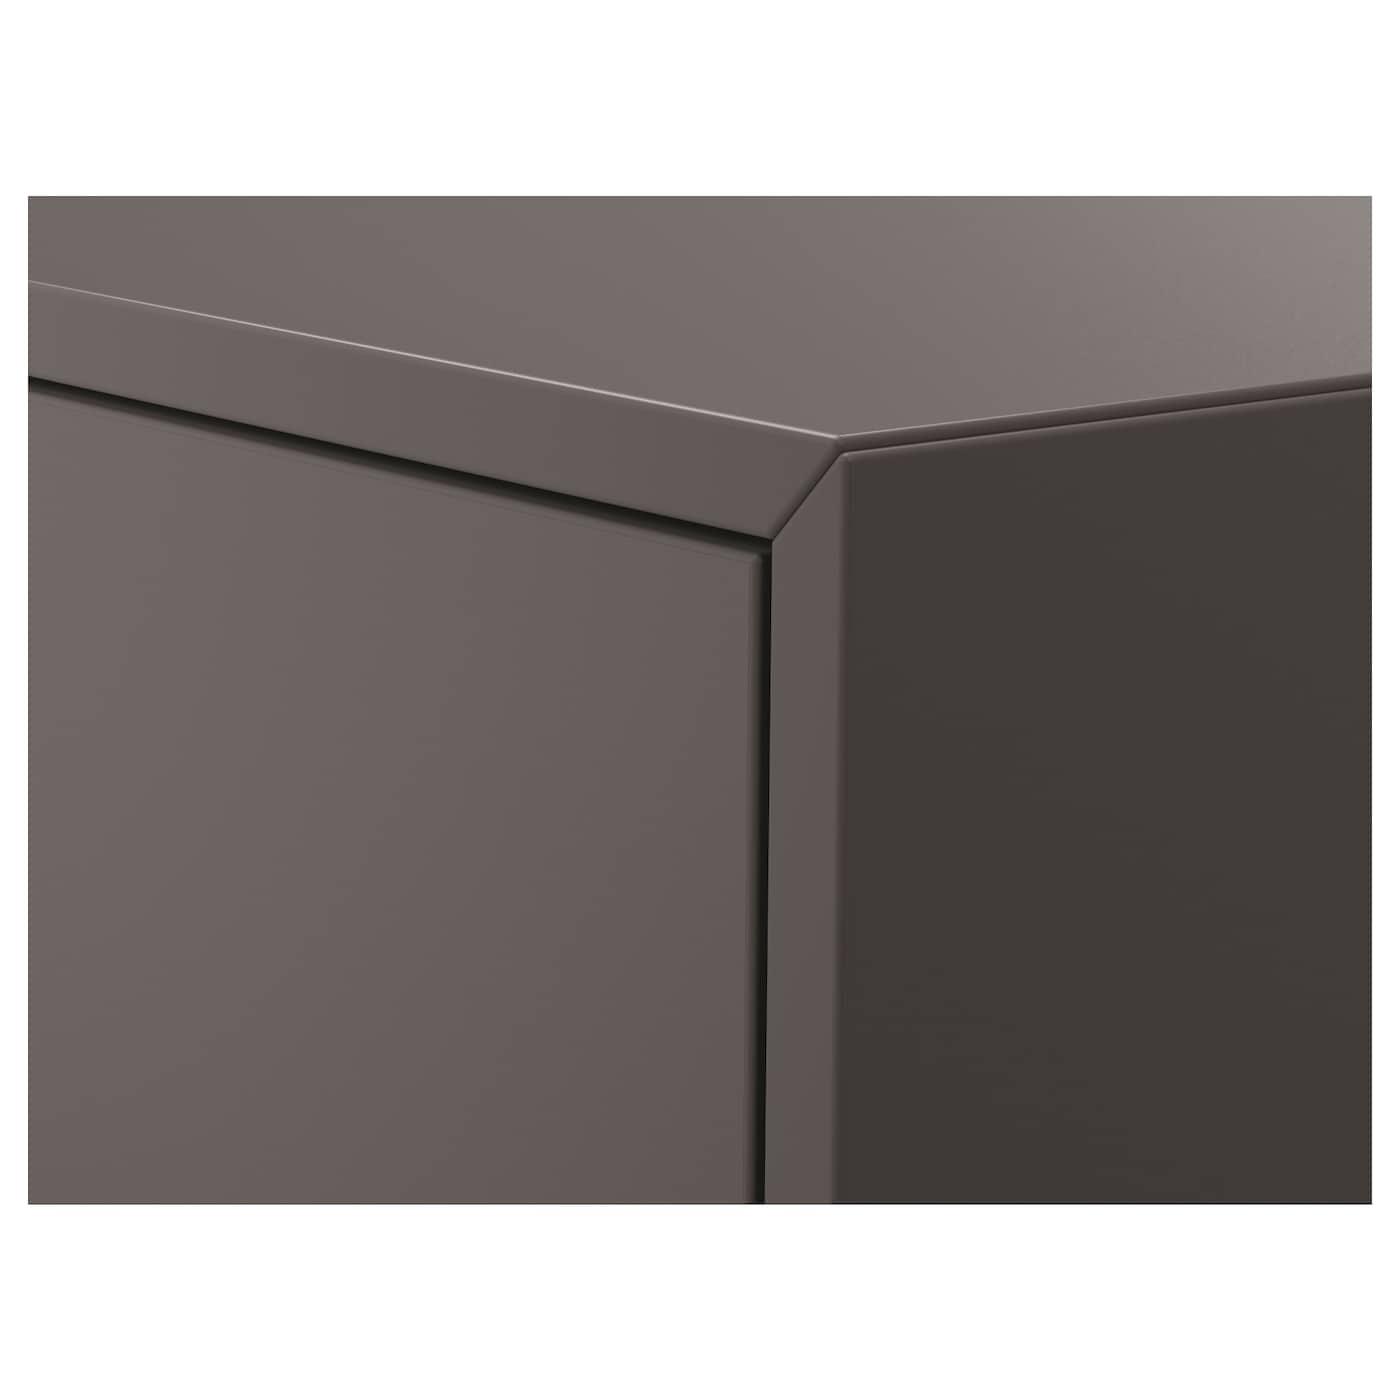 EKET szekrény ajtóval sszürke 35 cm 35 cm 35 cm 7 kg